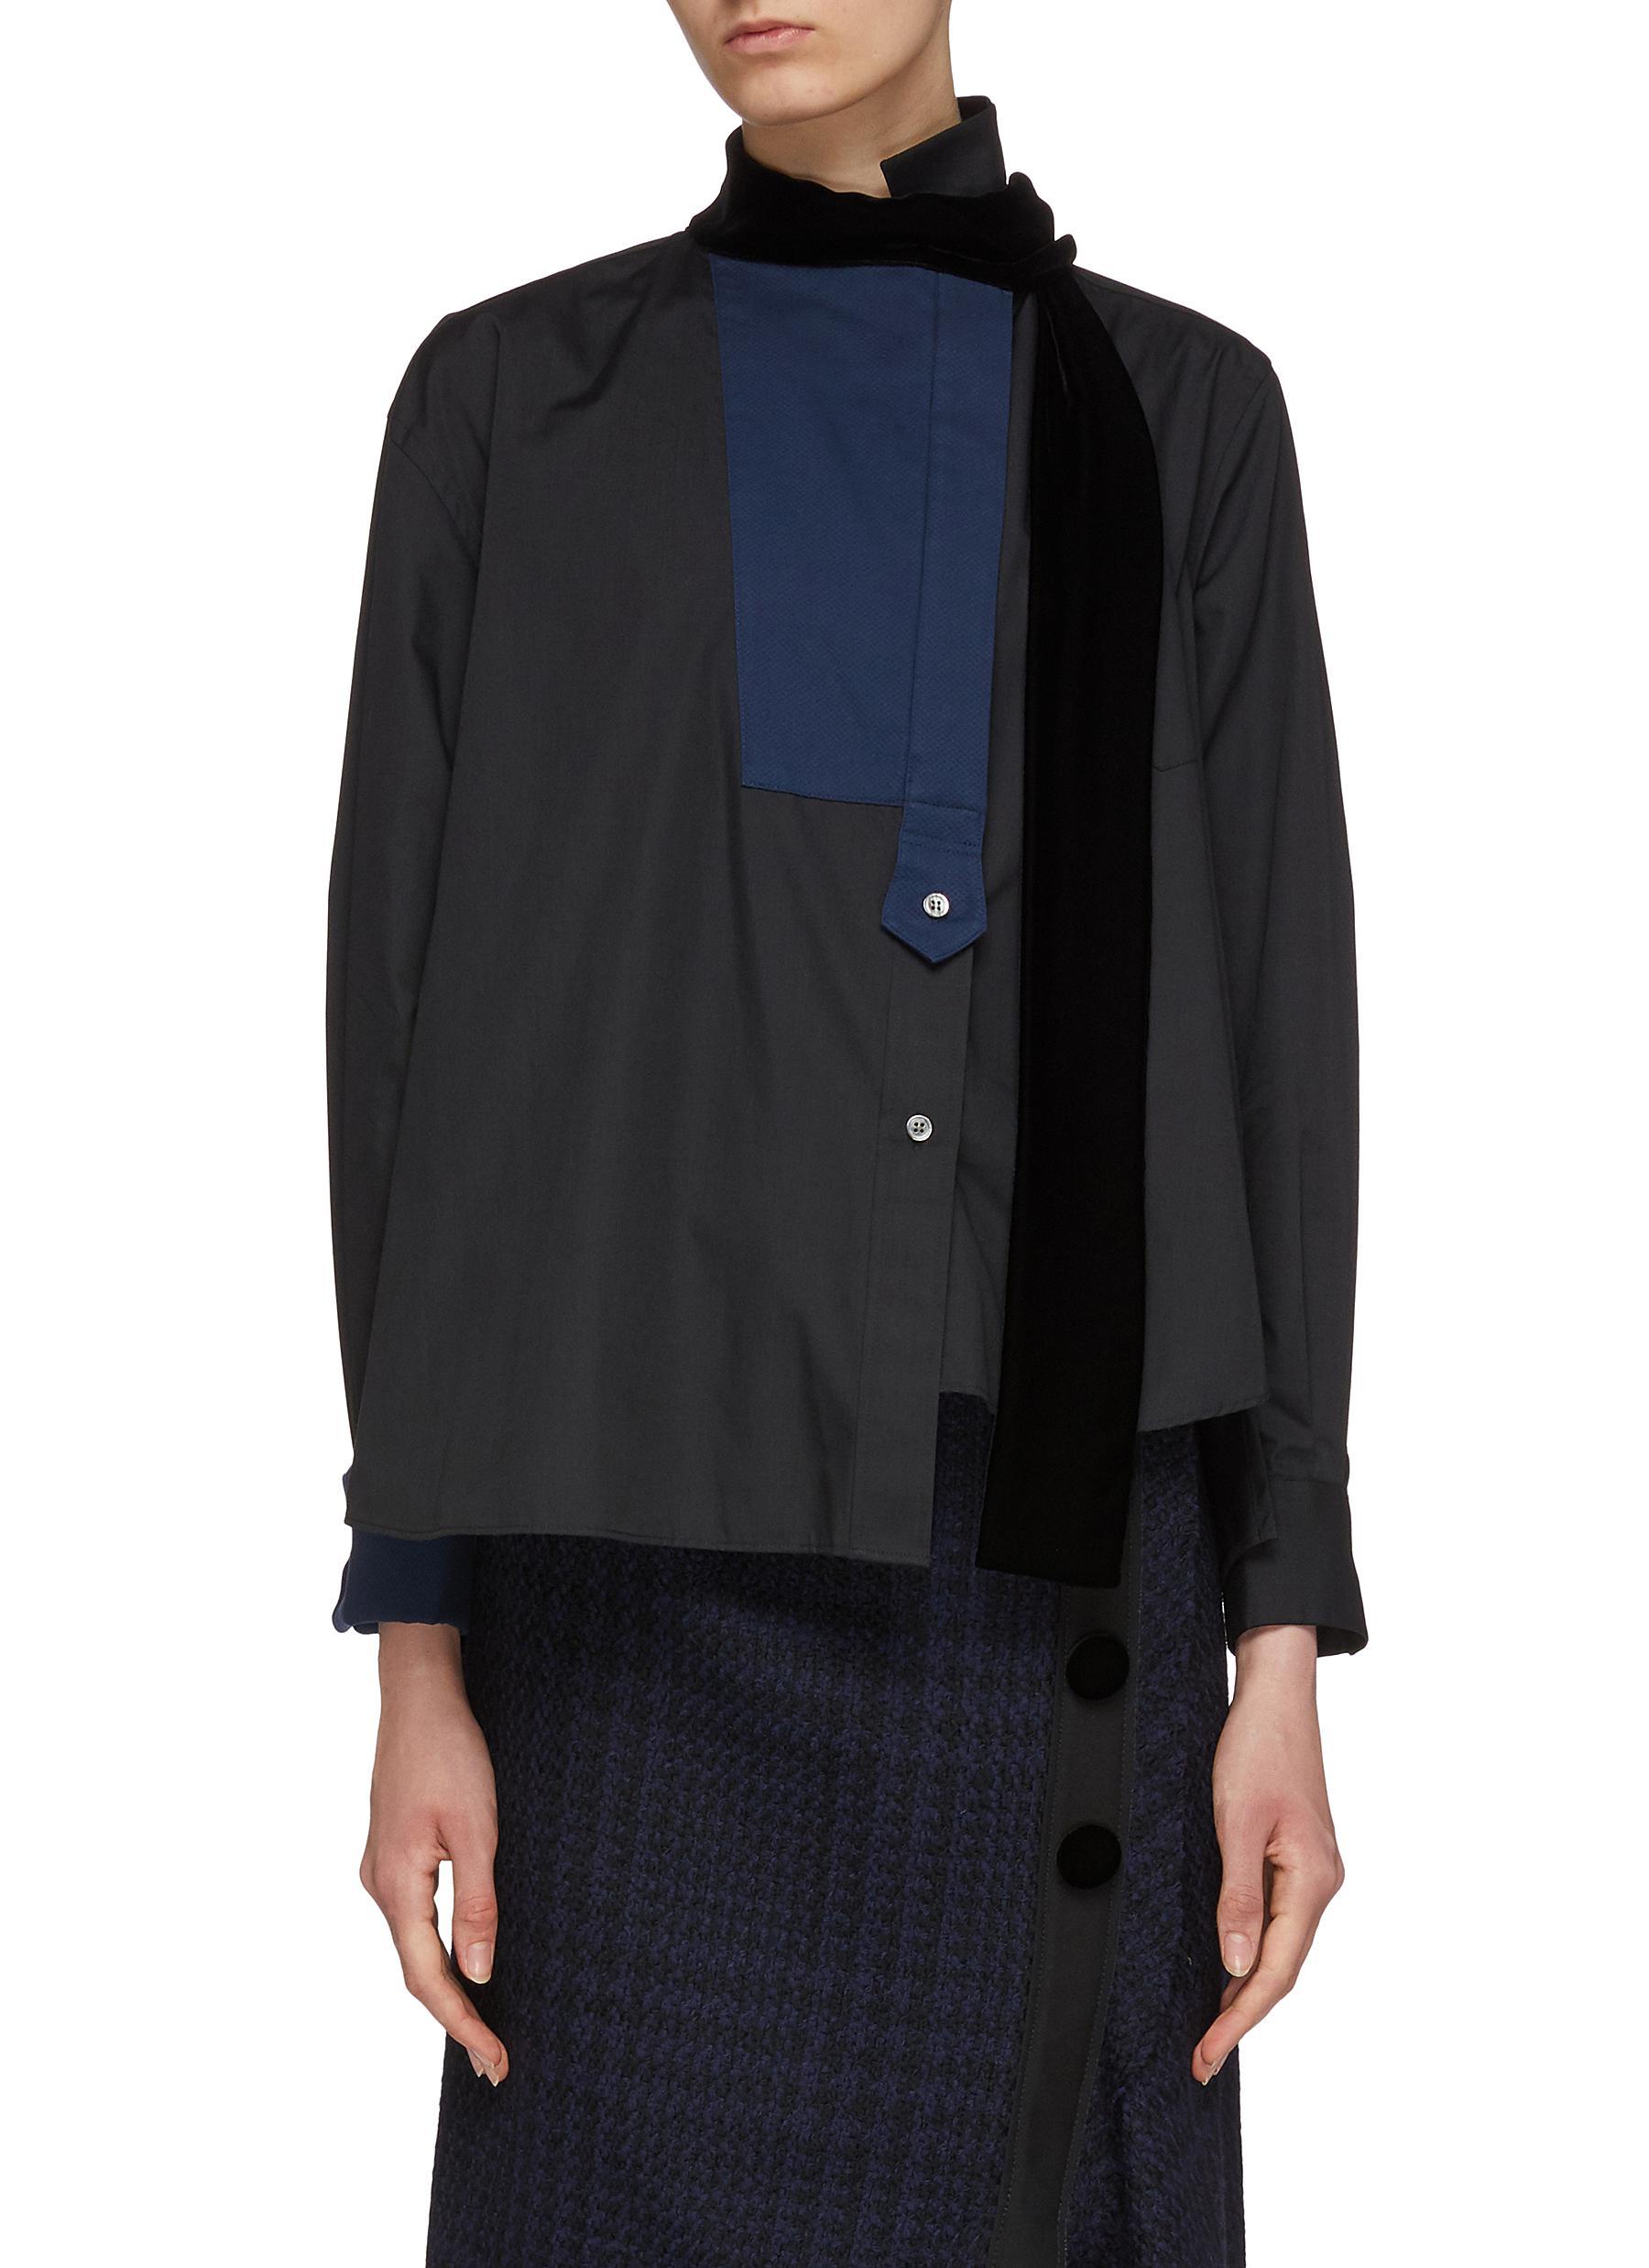 Velvet sash tie neck colourblock asymmetric shirt by Sacai